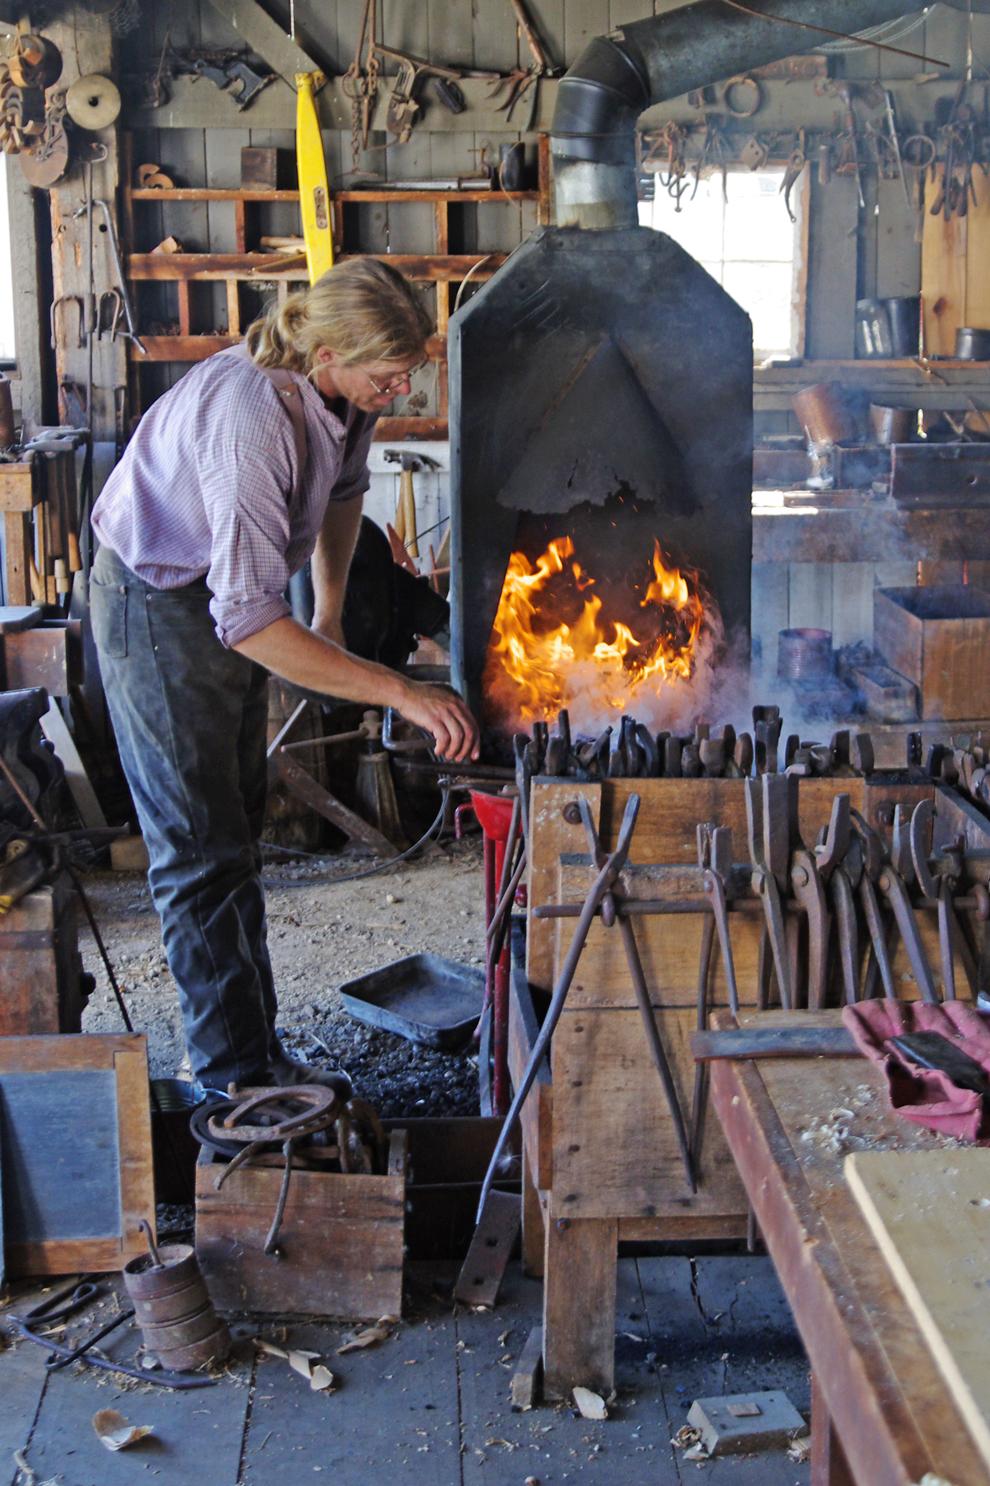 Blacksmith fires the forge at Slate Run Farm